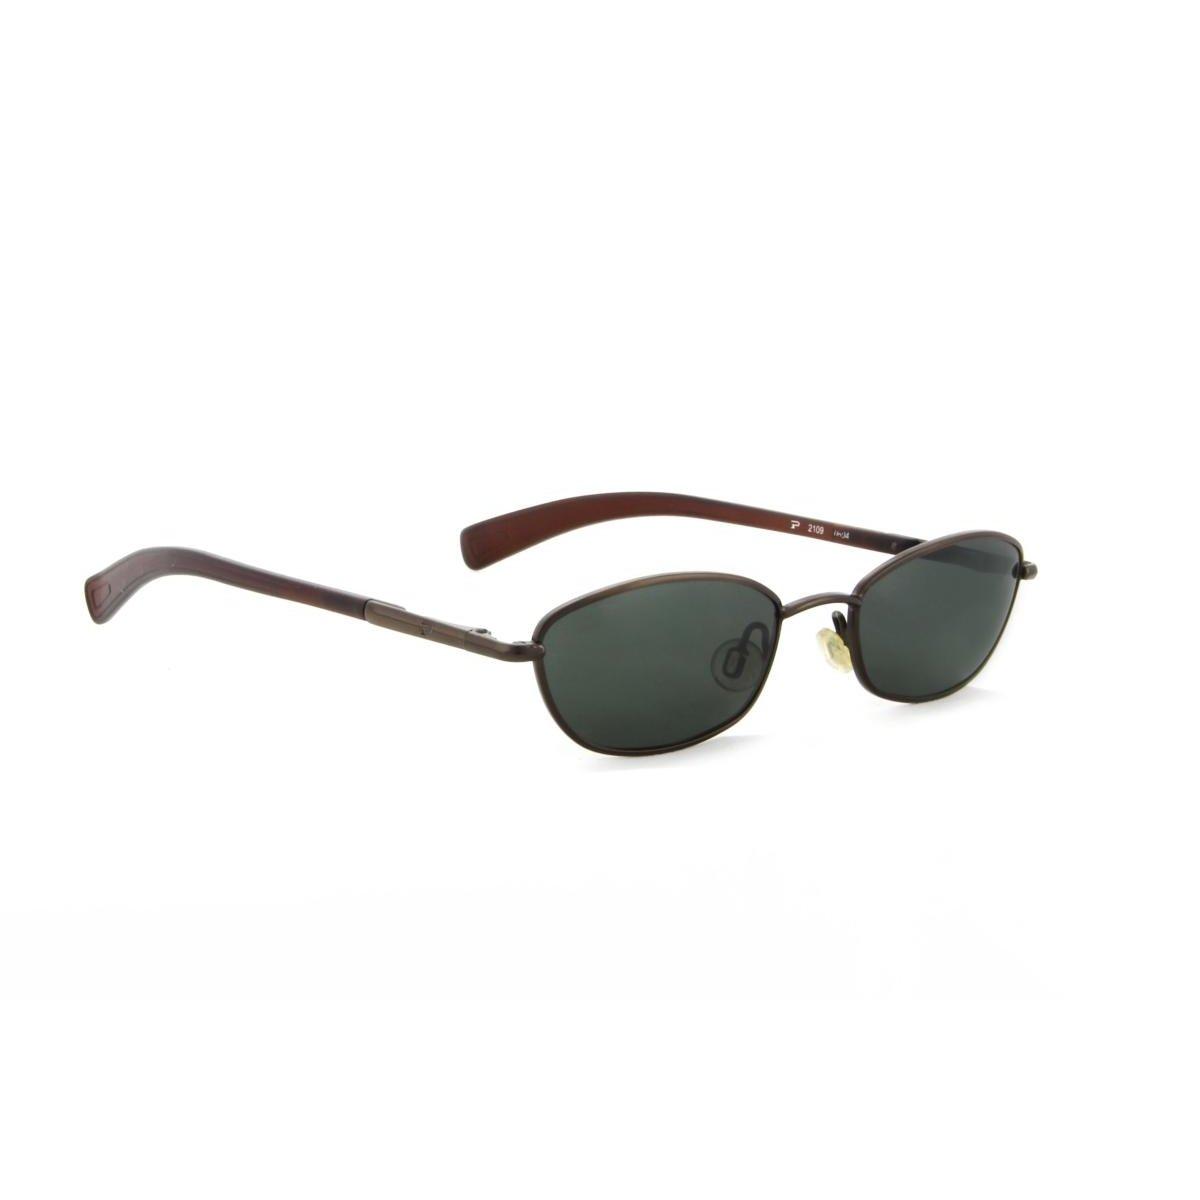 Óculos de Sol Platini Armação Metal Lente Masculino - Compre Agora ... 3864a57528